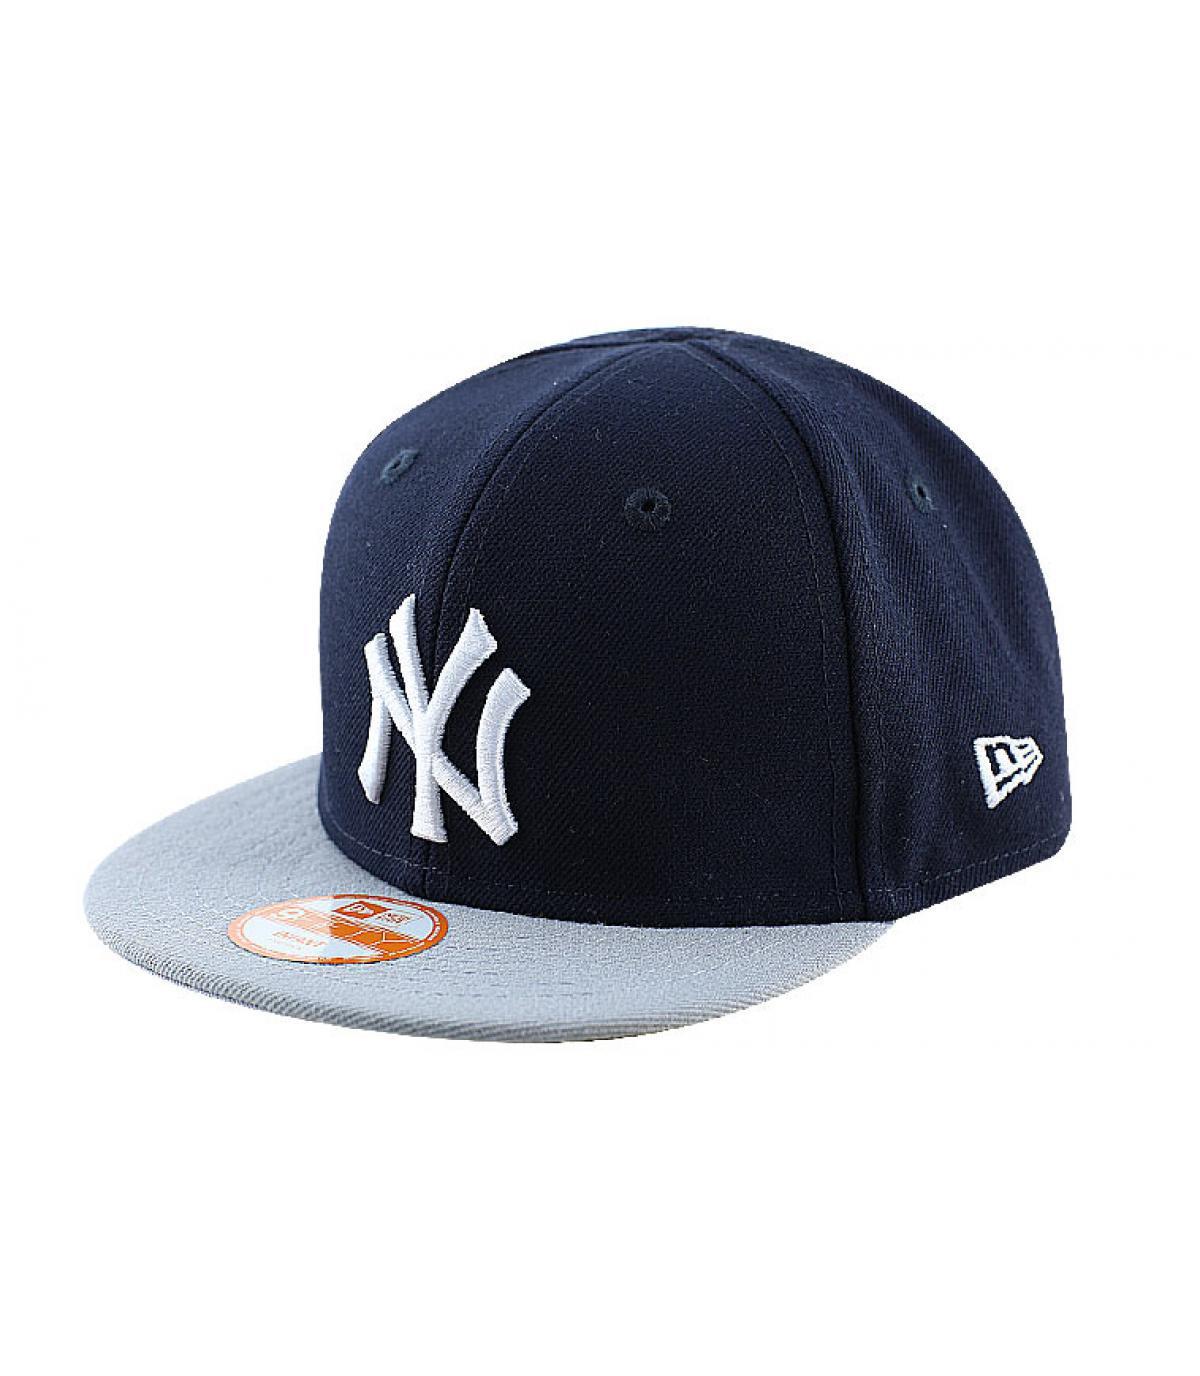 Baby NY Cap